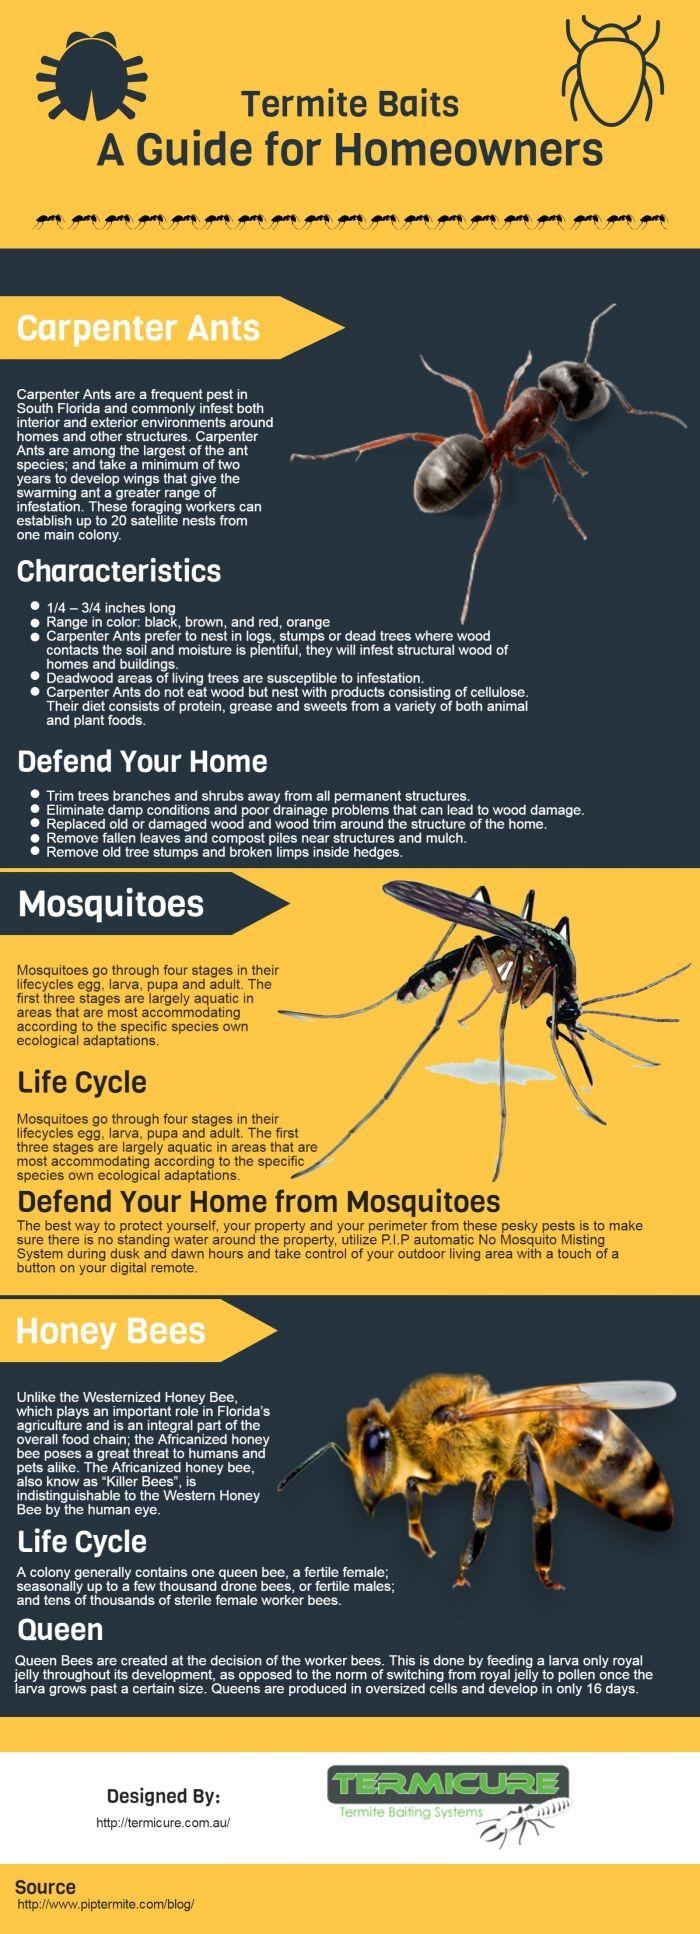 Termite Baits Termite Bait Termites Honey Bee Life Cycle